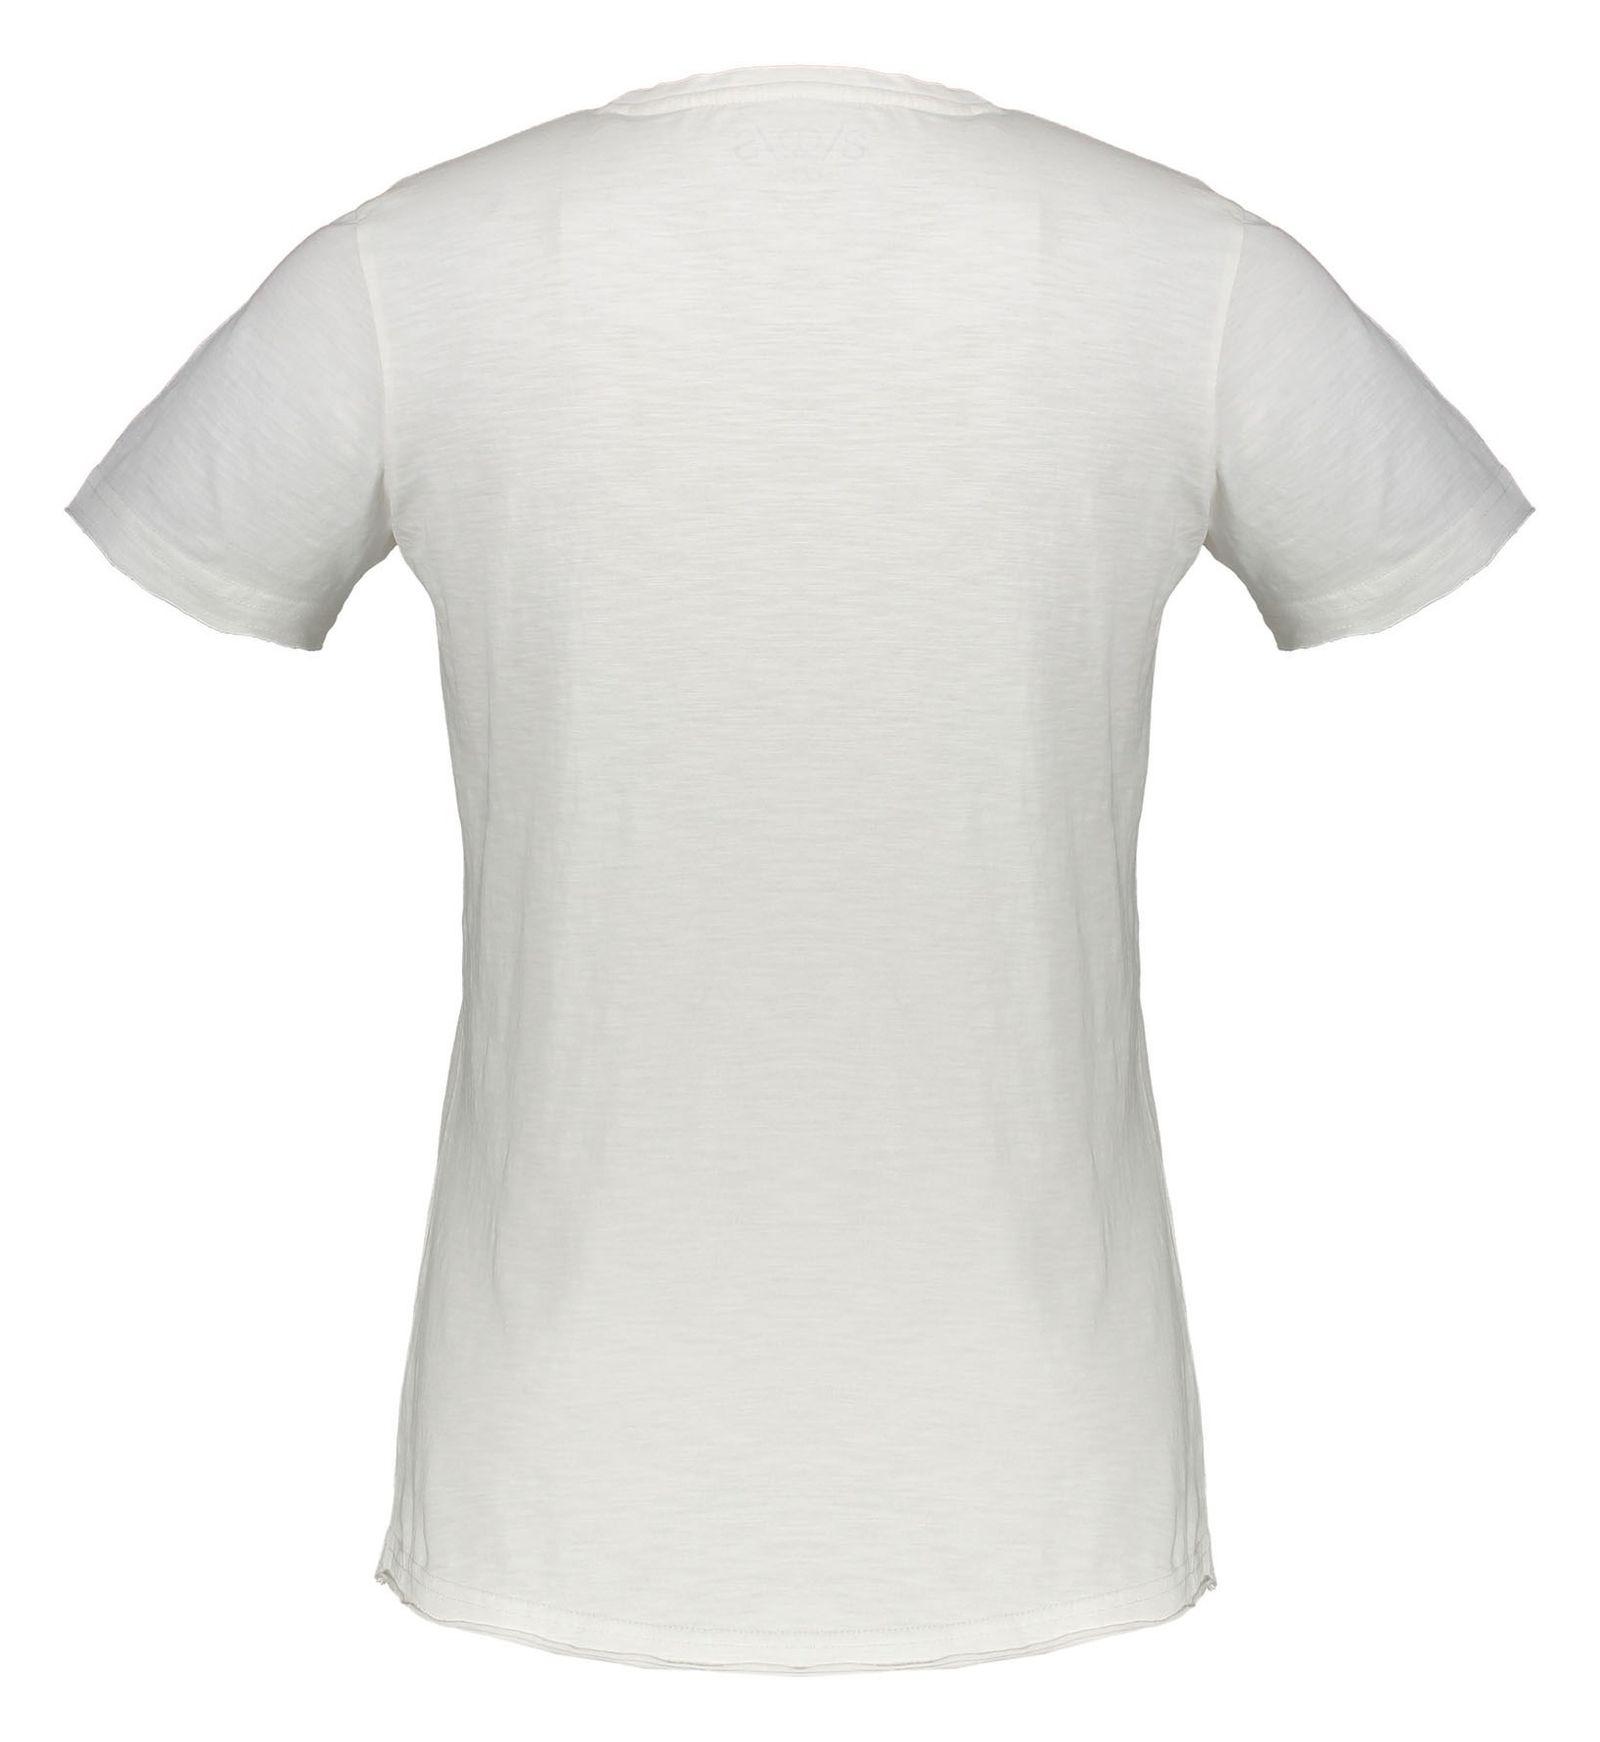 تی شرت نخی یقه هفت مردانه - اس.اولیور - سفيد - 2